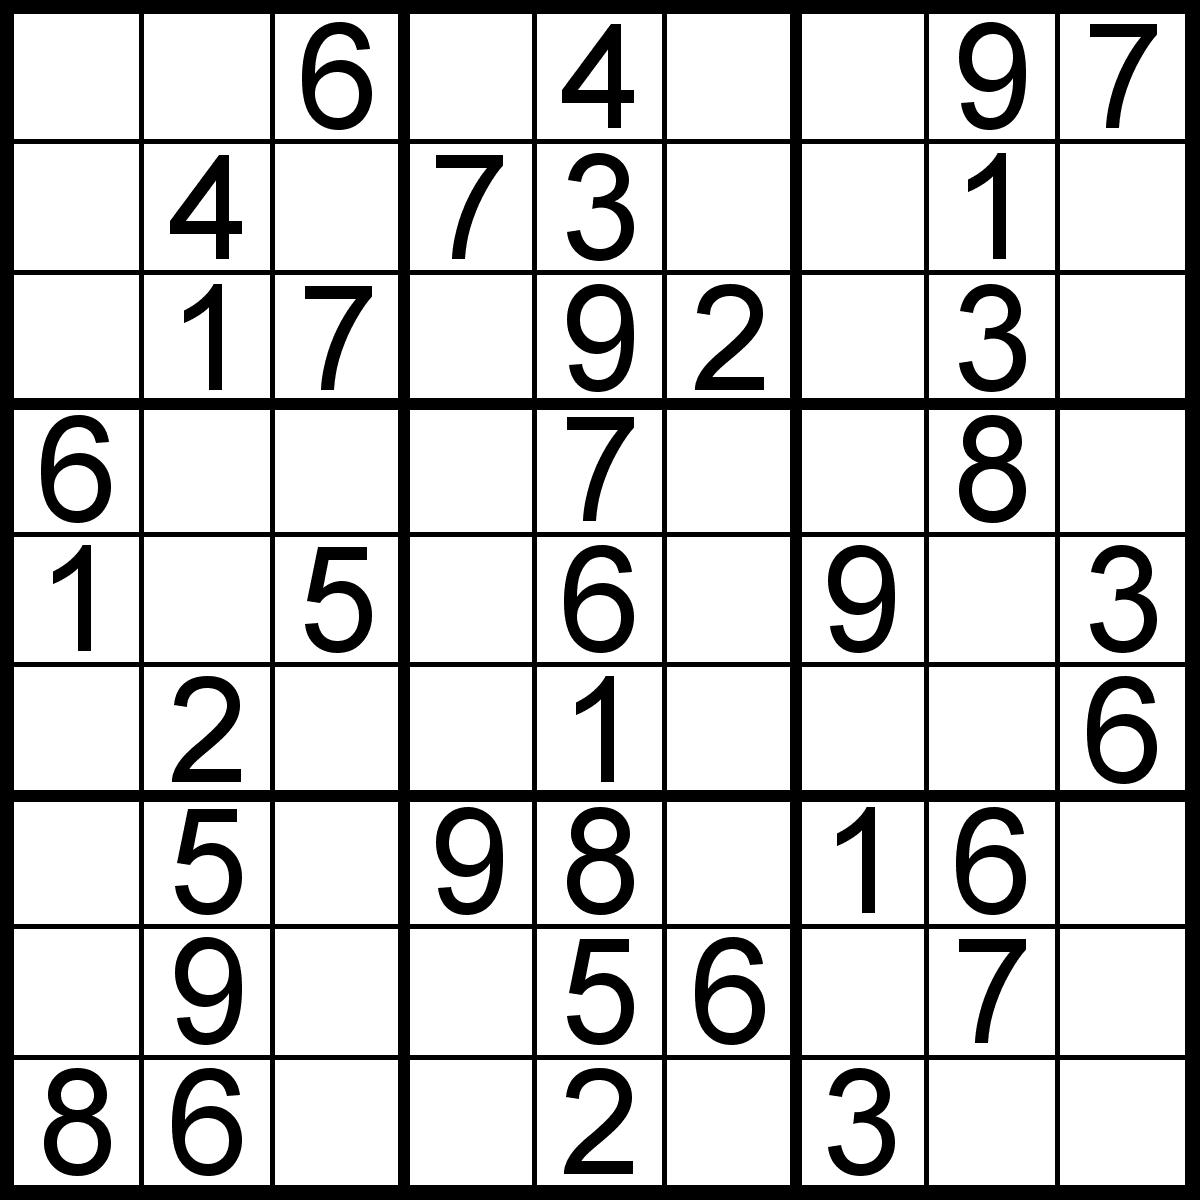 Sudoku Worksheet Extremely Hard